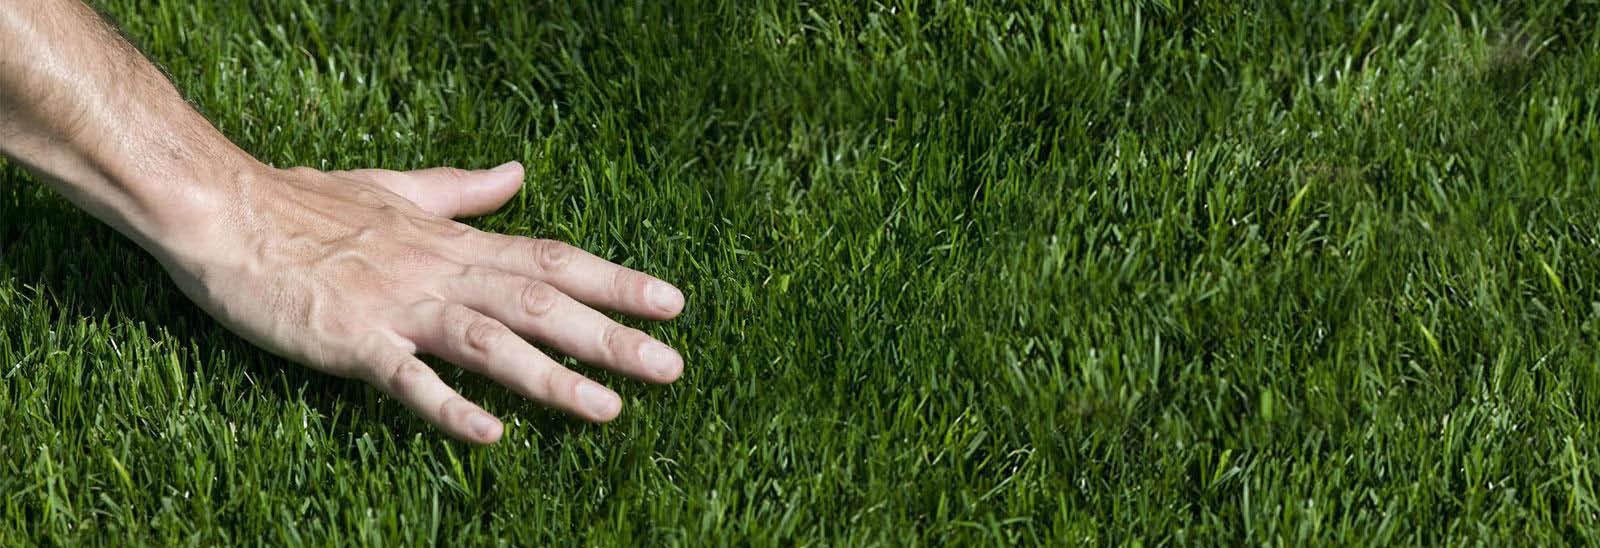 Henderson fertilizing,fertilizing near me,fertilizing,seed planting,grass seeding,fertilizer